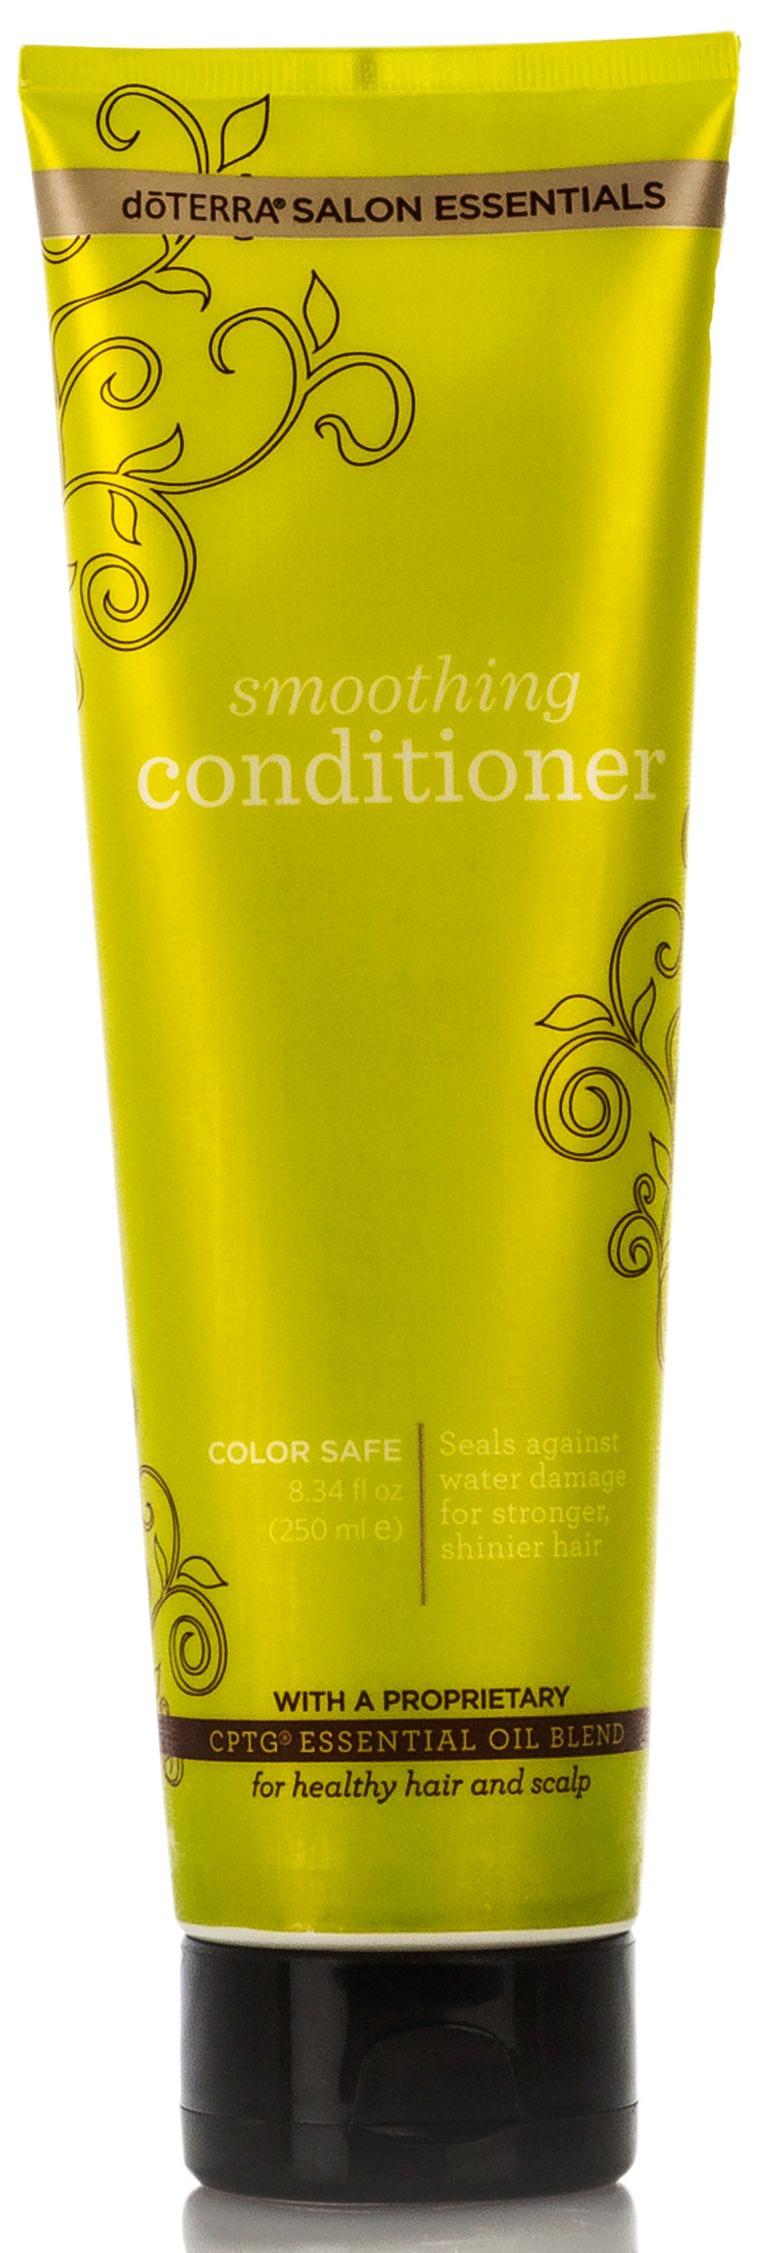 doTERRA Salon Essentials Smoothing Conditioner